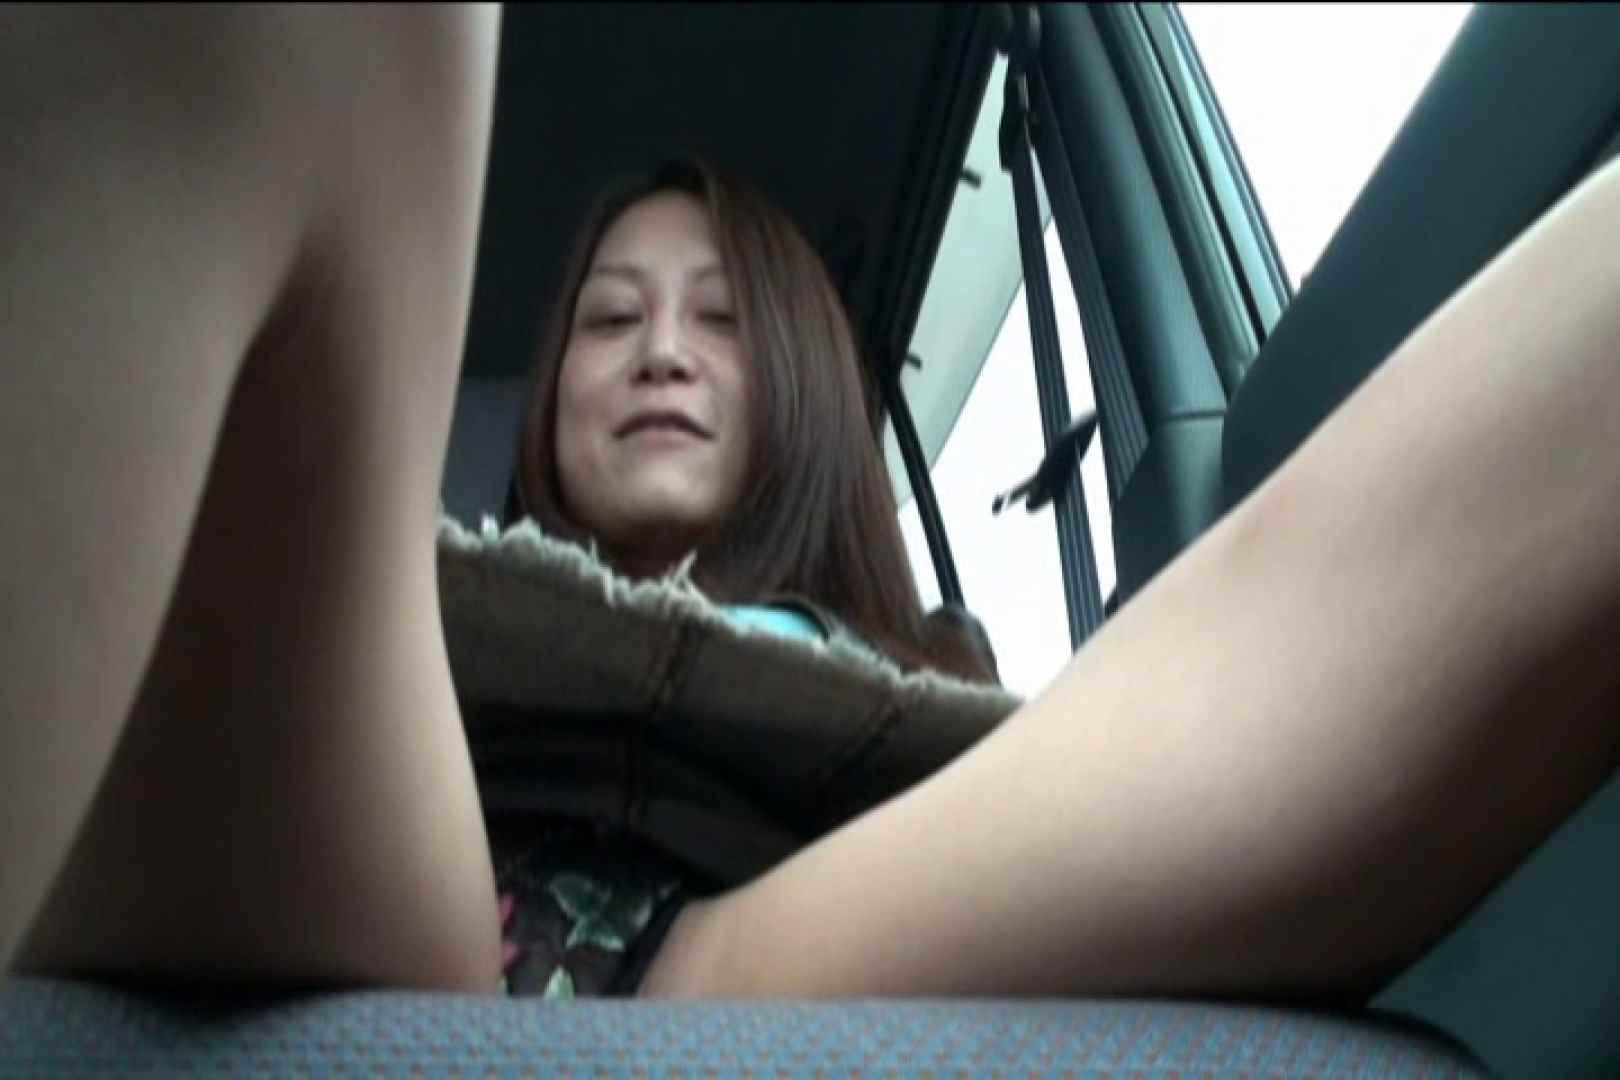 車内で初めまして! vol04 OLセックス  71画像 42